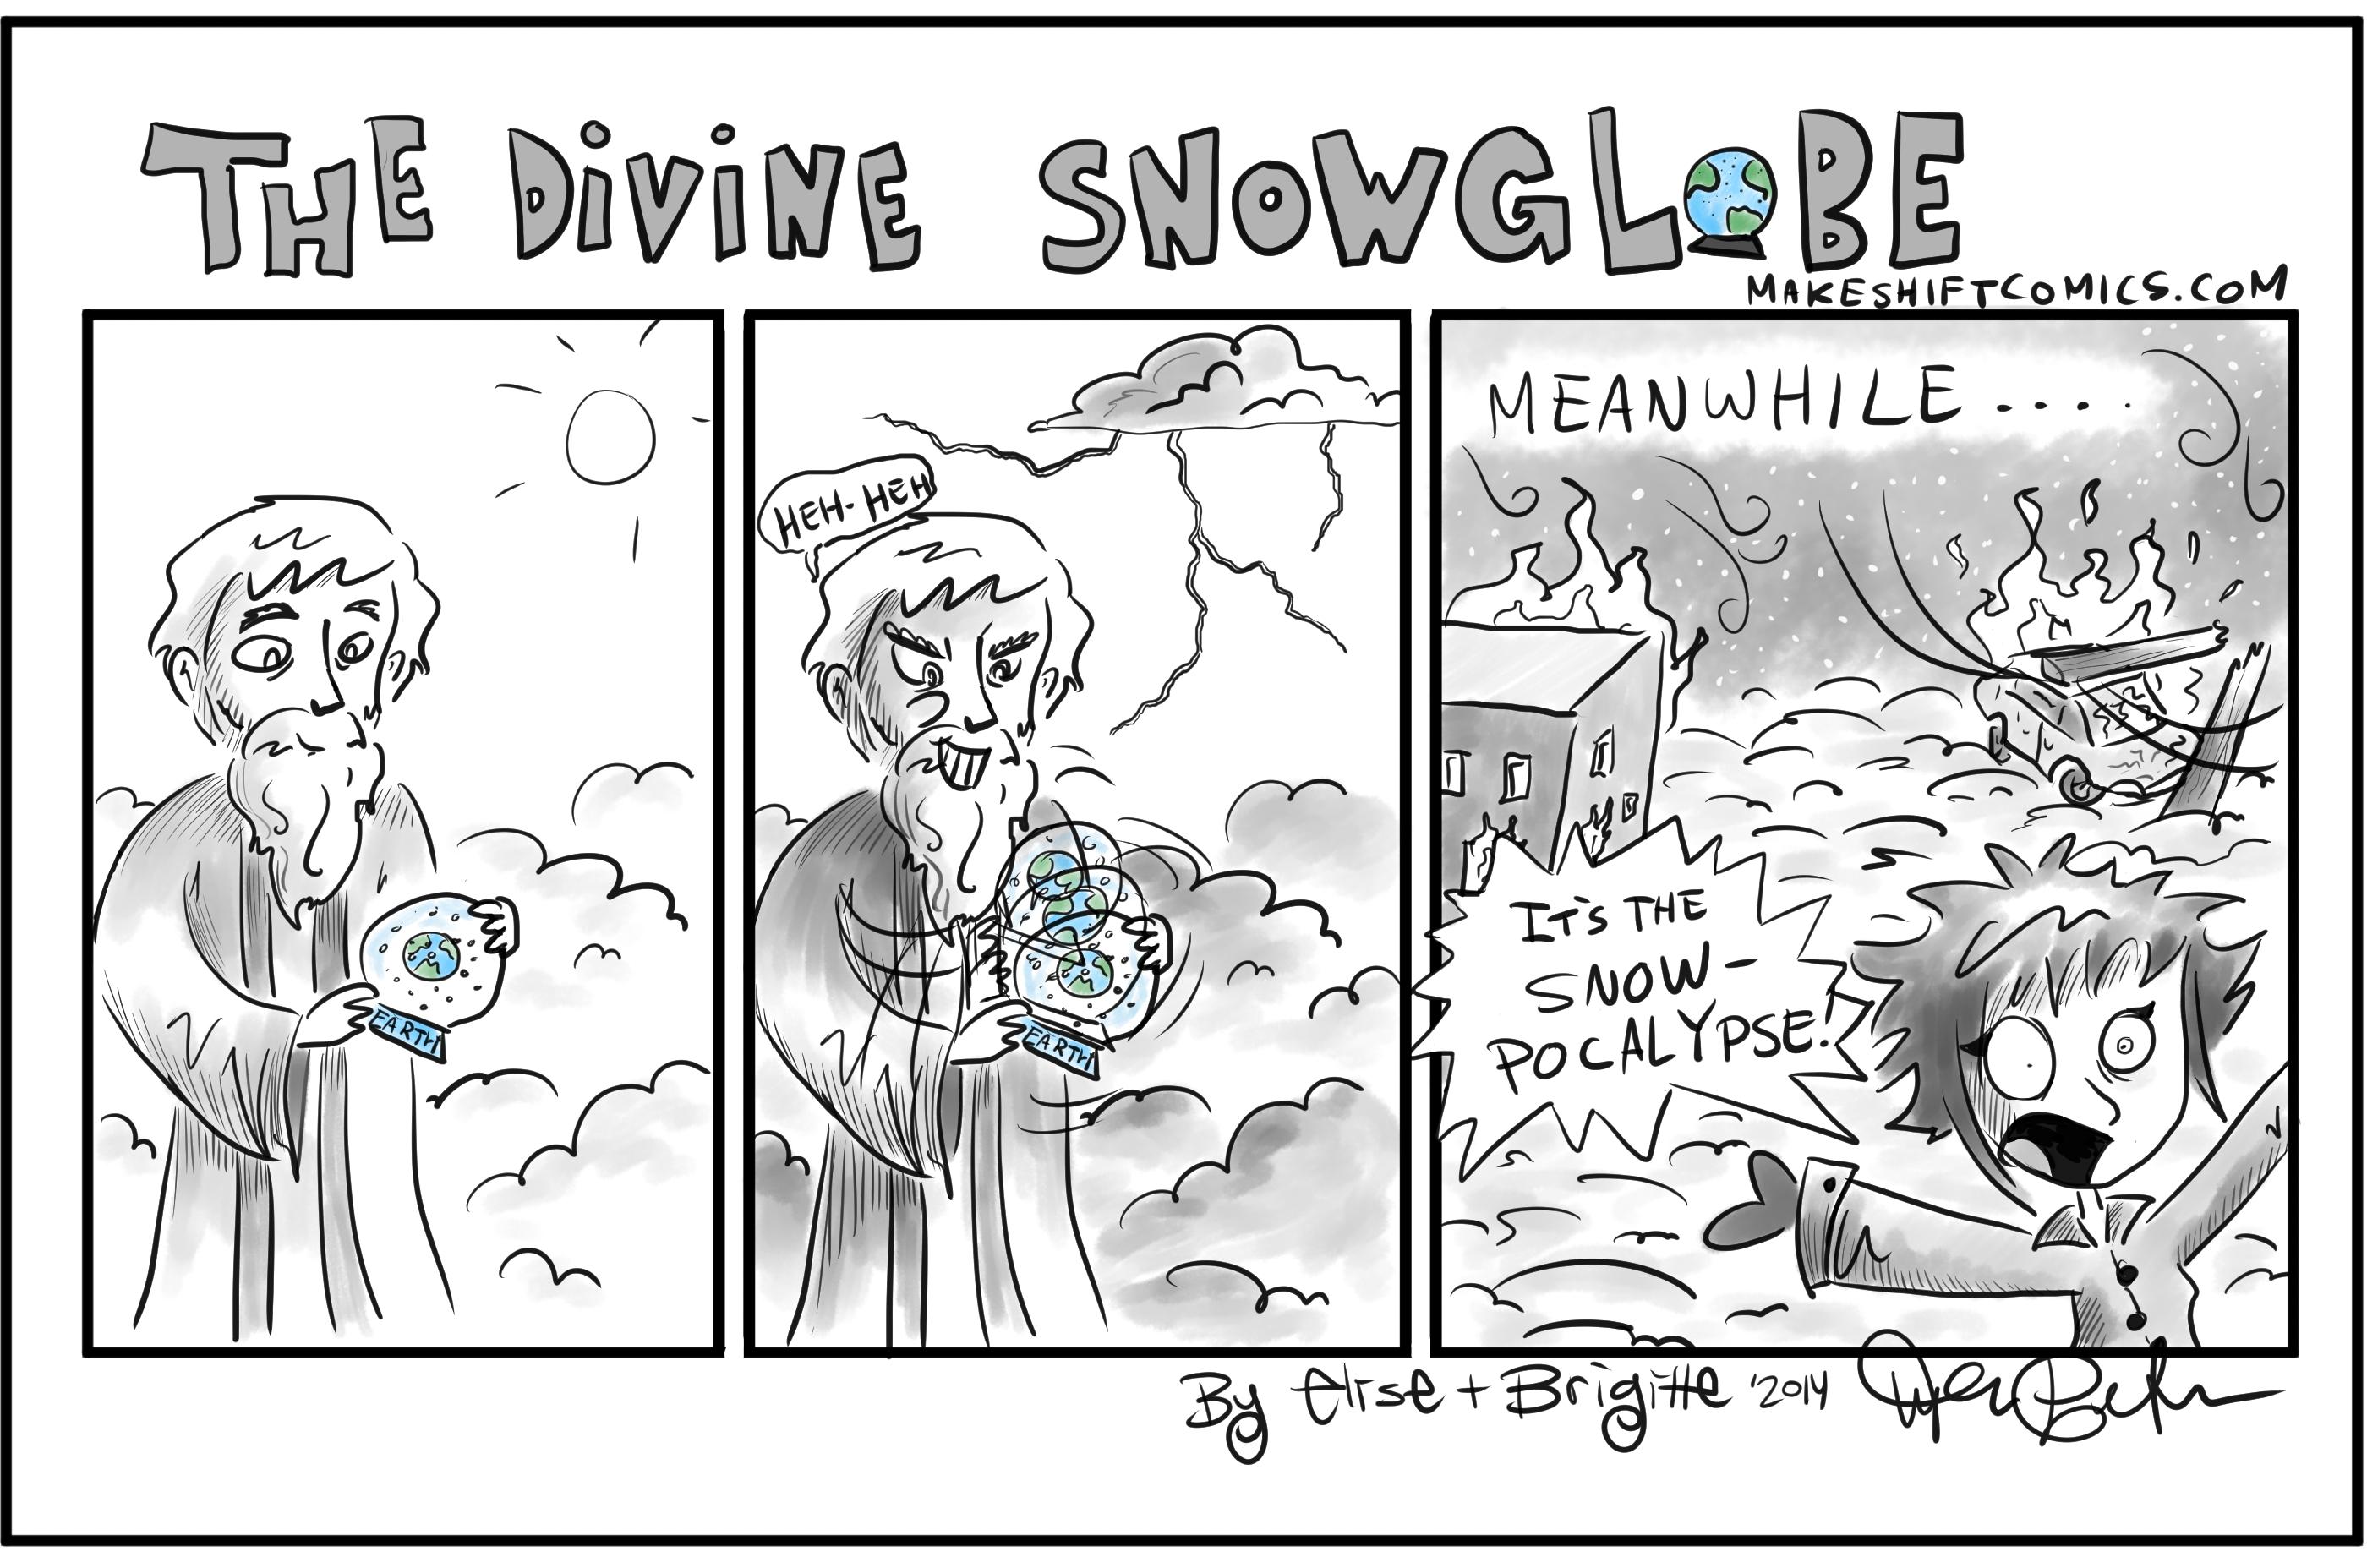 The Divine Snowglobe